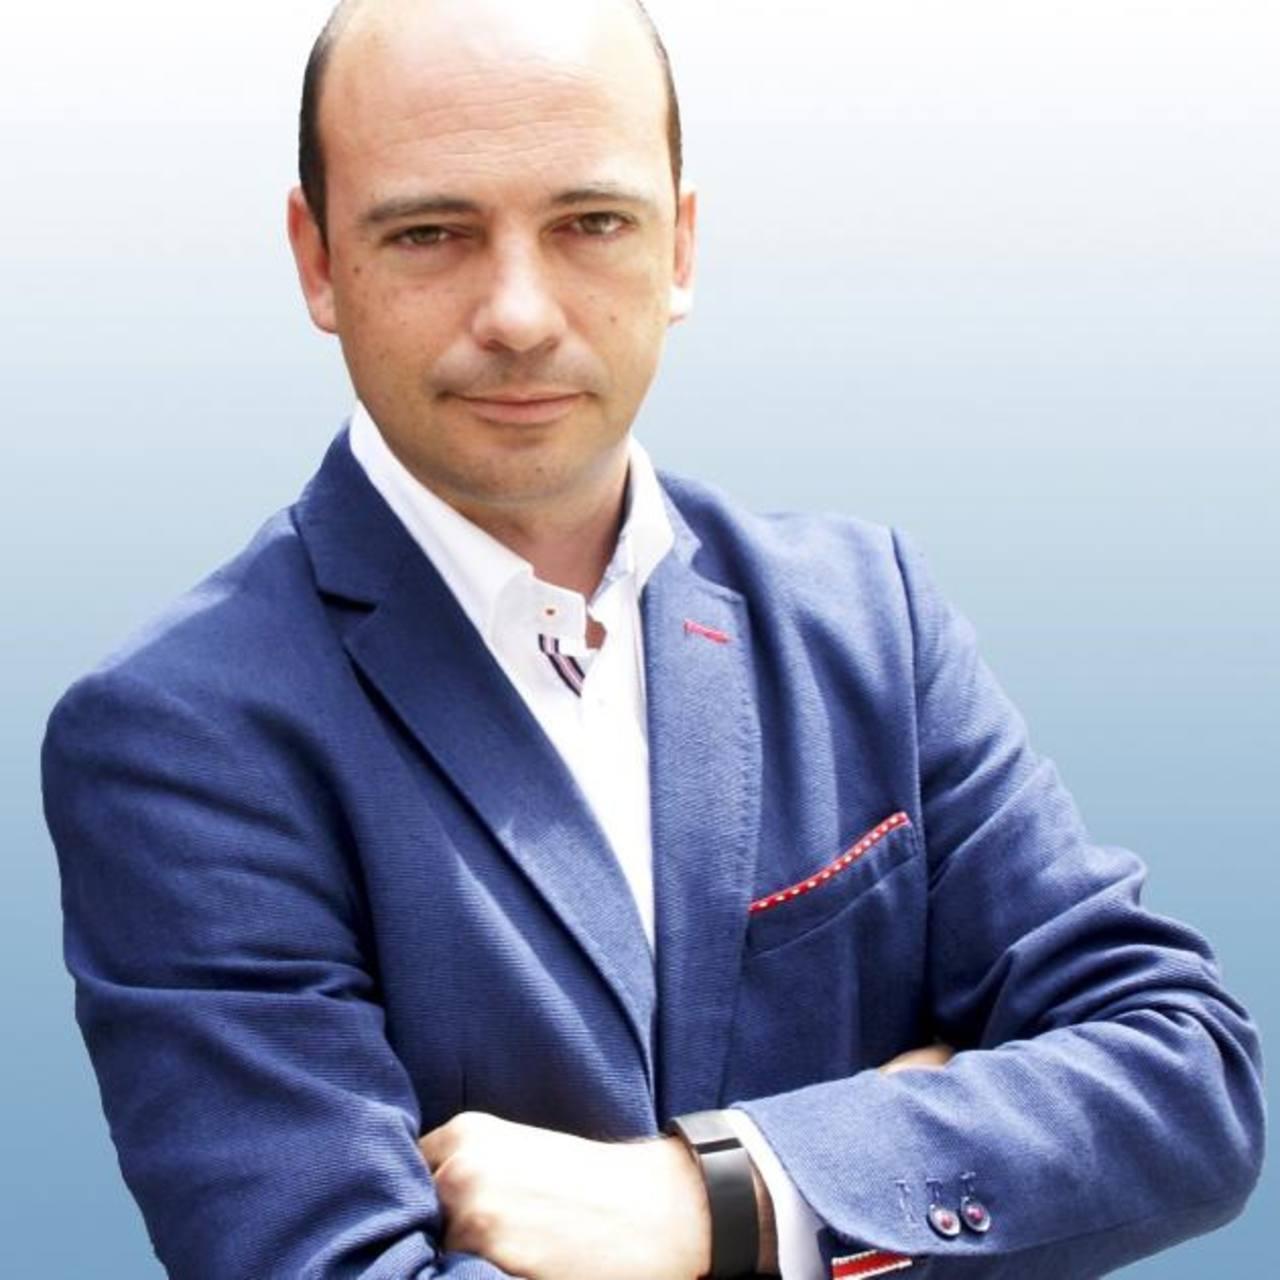 """Franc Carreras impartirá en el país un taller sobre """"marketing digital"""" los días 9 y 10 de febrero. Es profesor de esa materia en ESADE, Barcelona, España. Foto cortesía de Esade."""